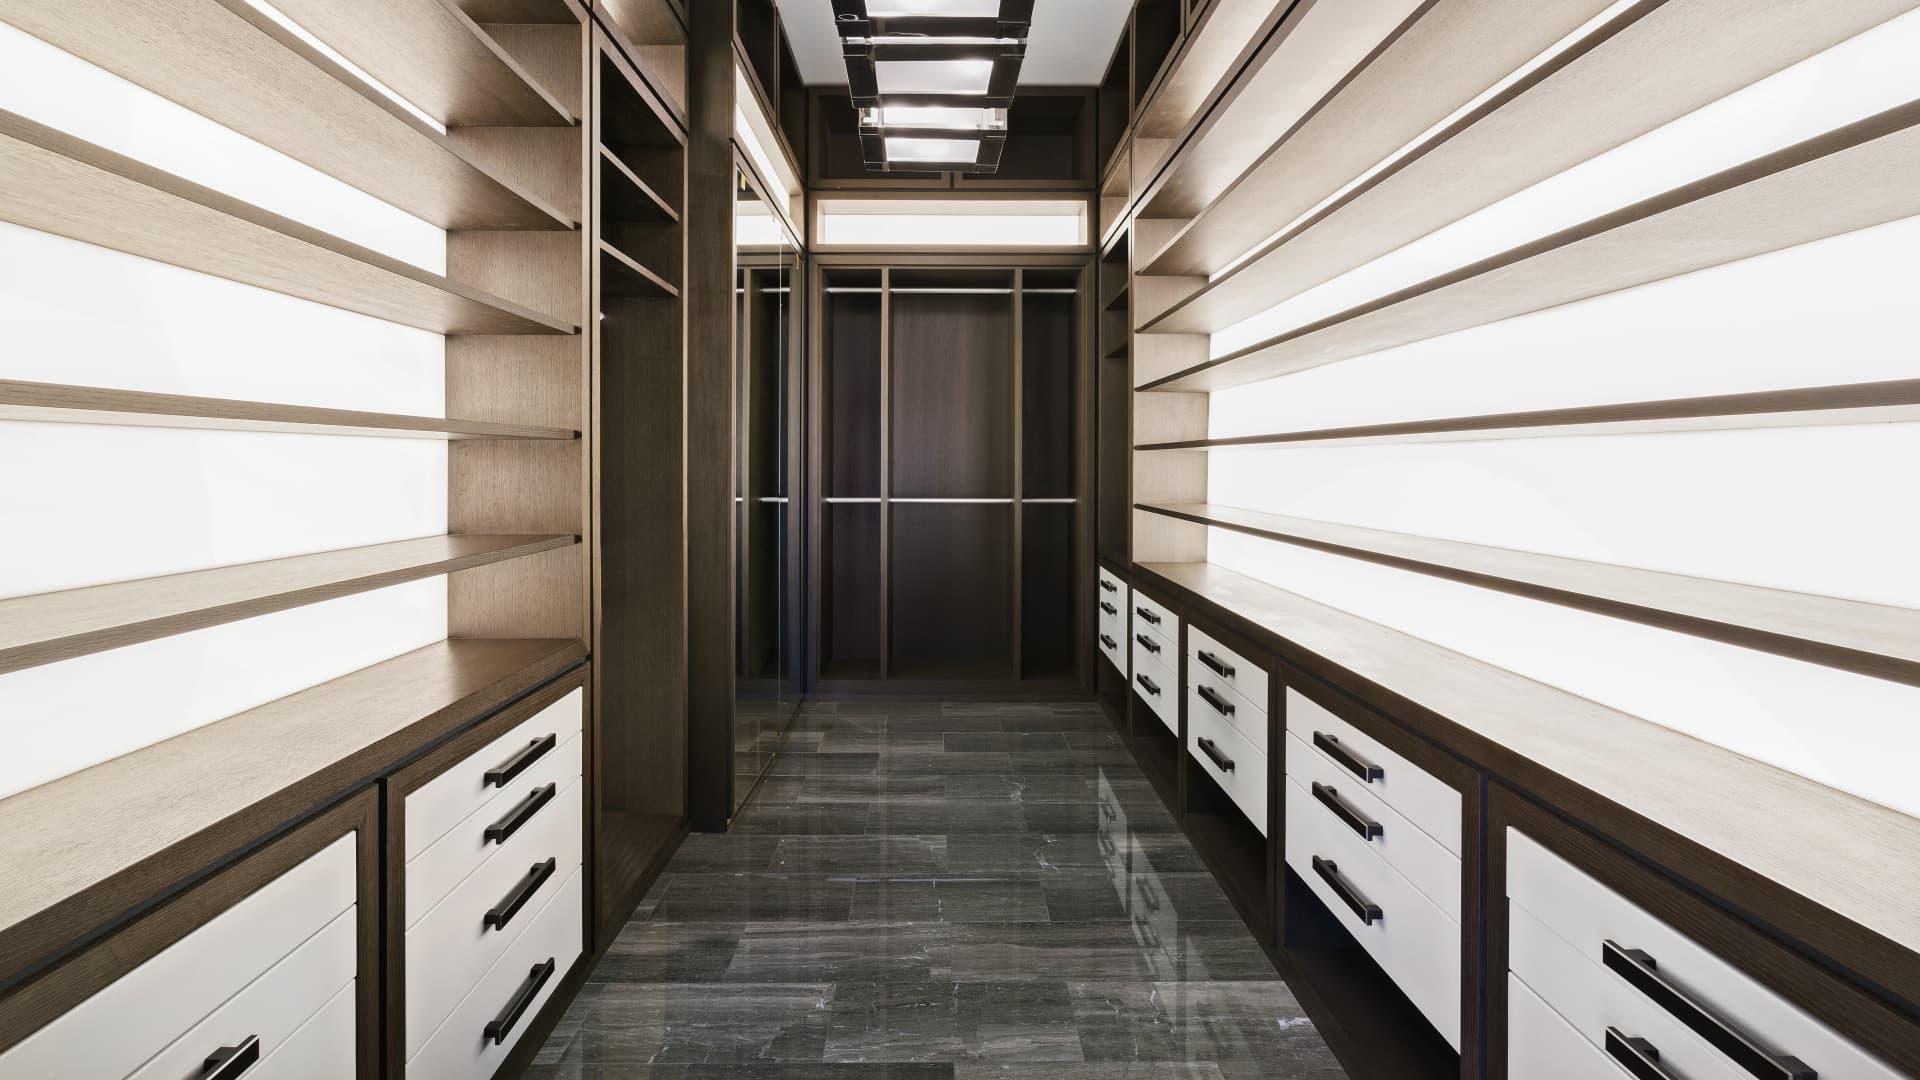 His walk-in closet